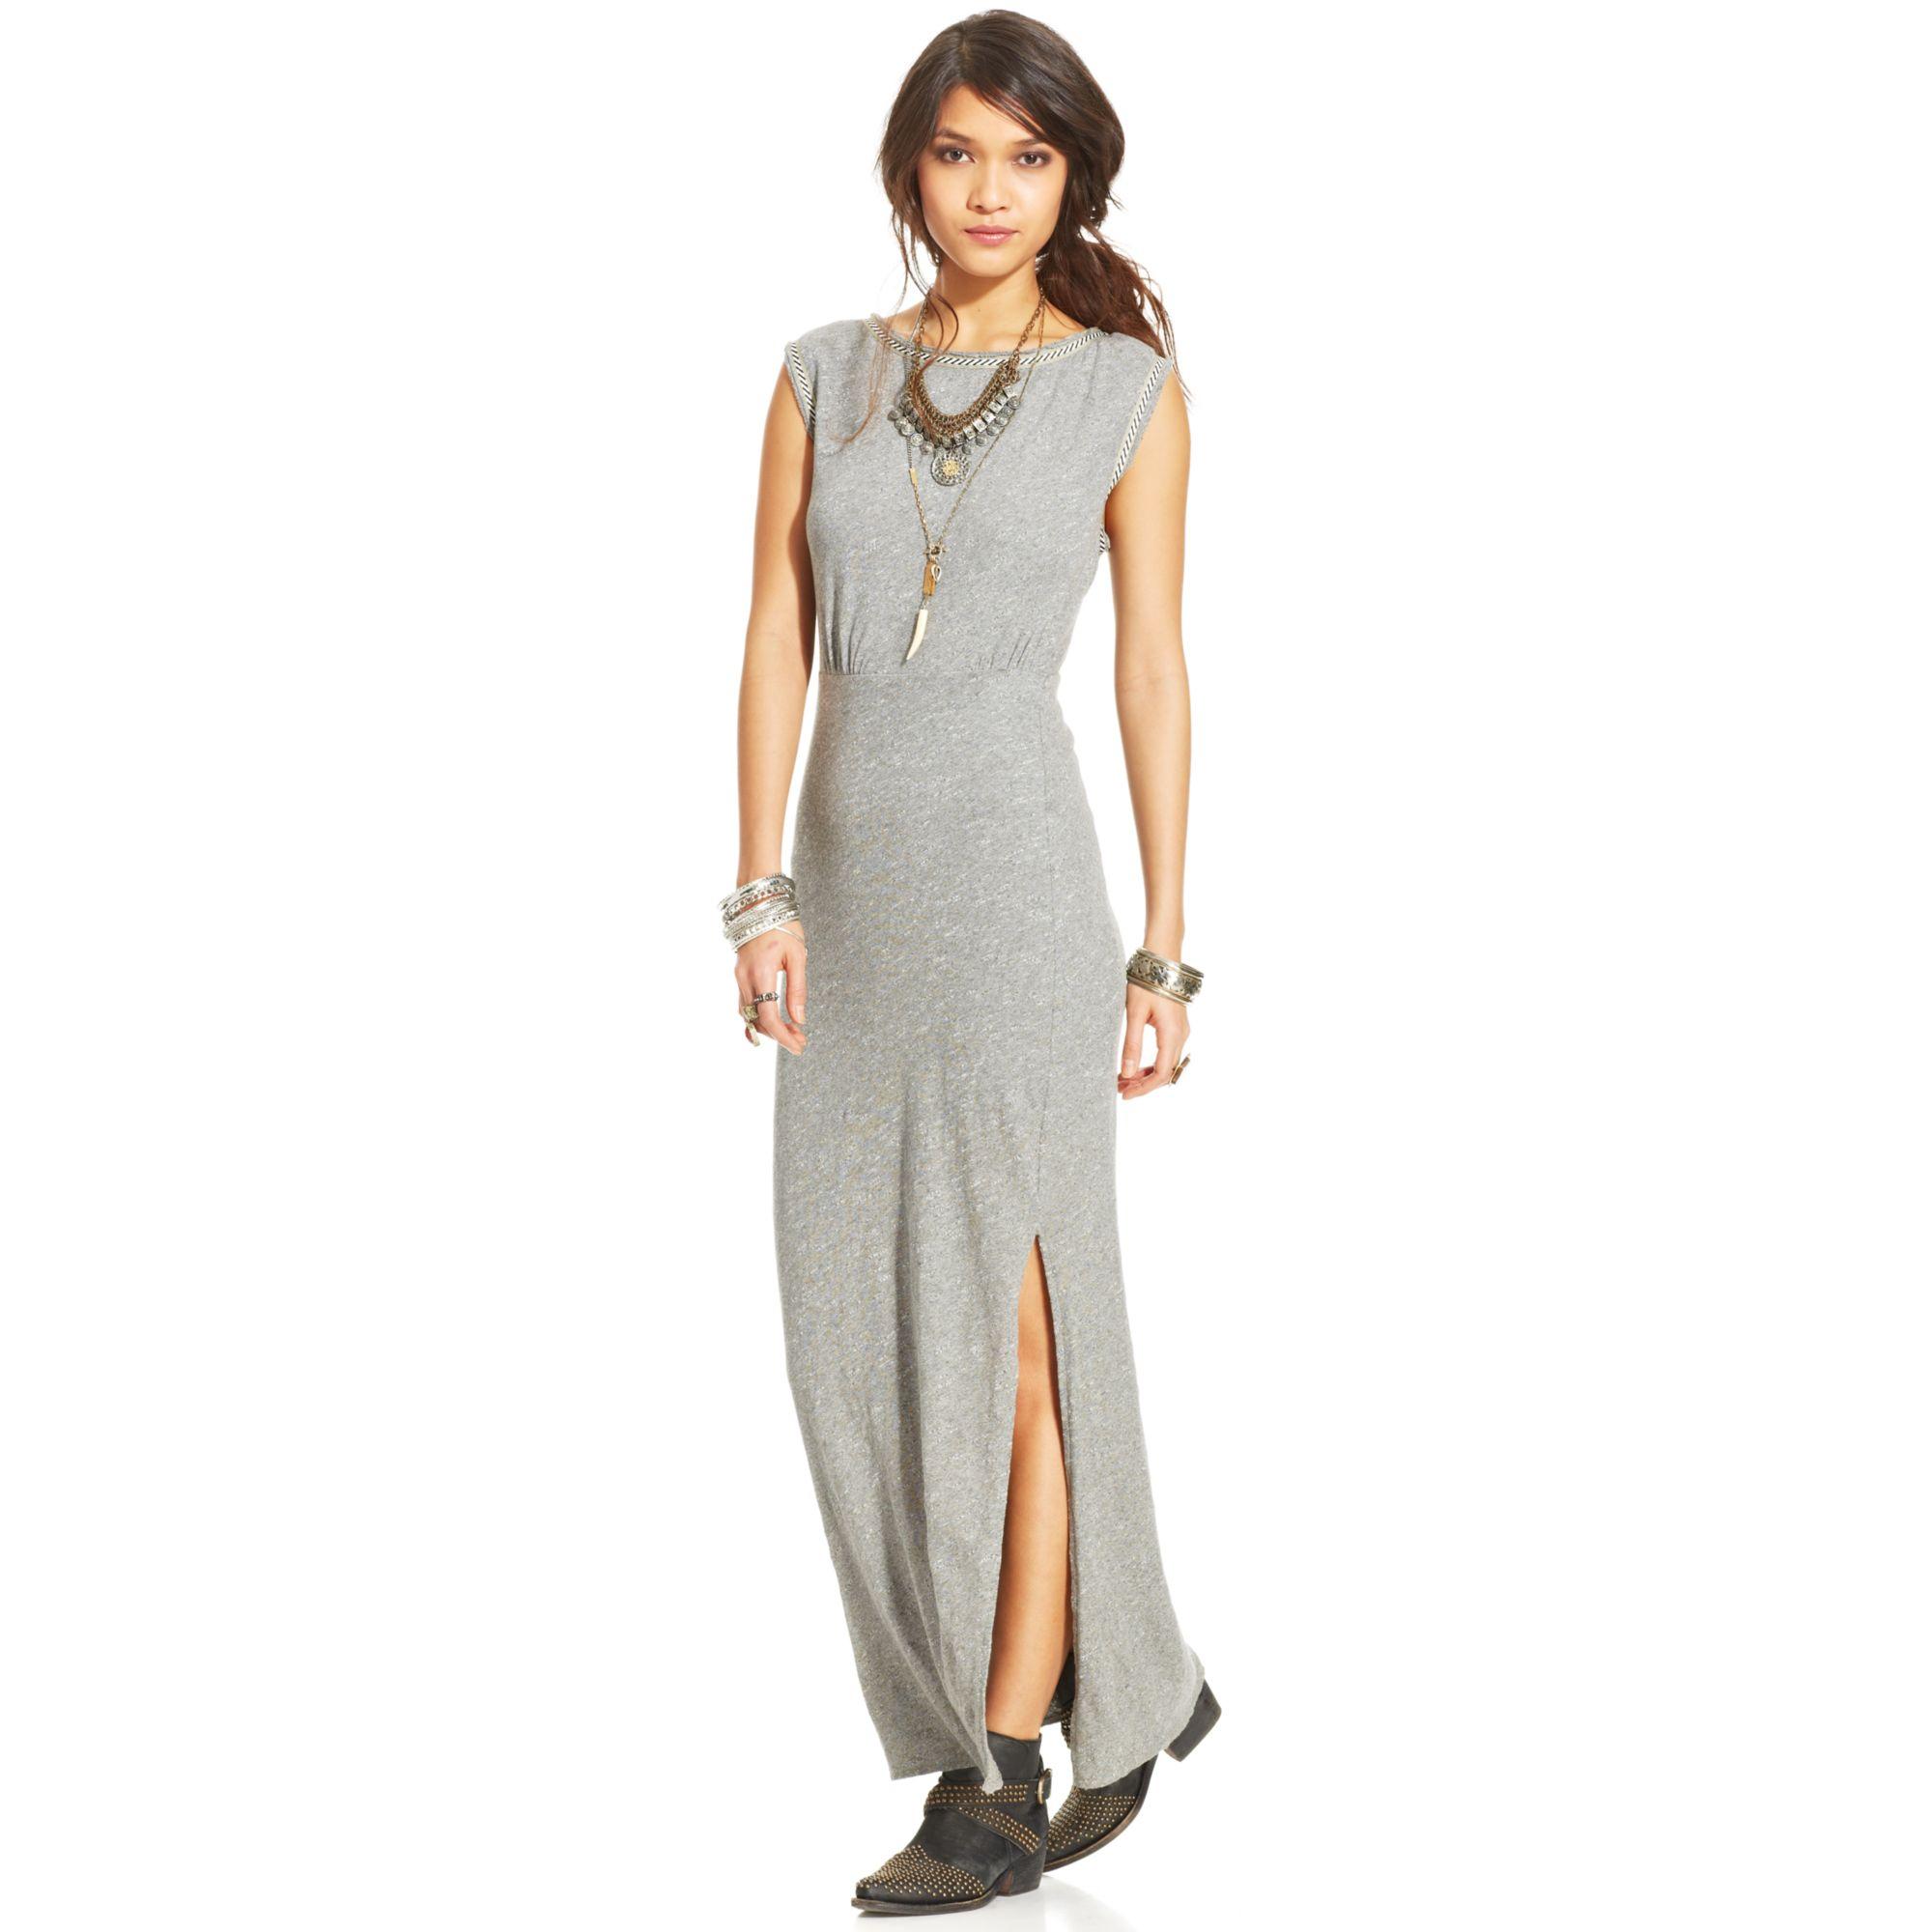 6382b2035066f Lyst - Free People Sabrina Maxi Dress in Gray